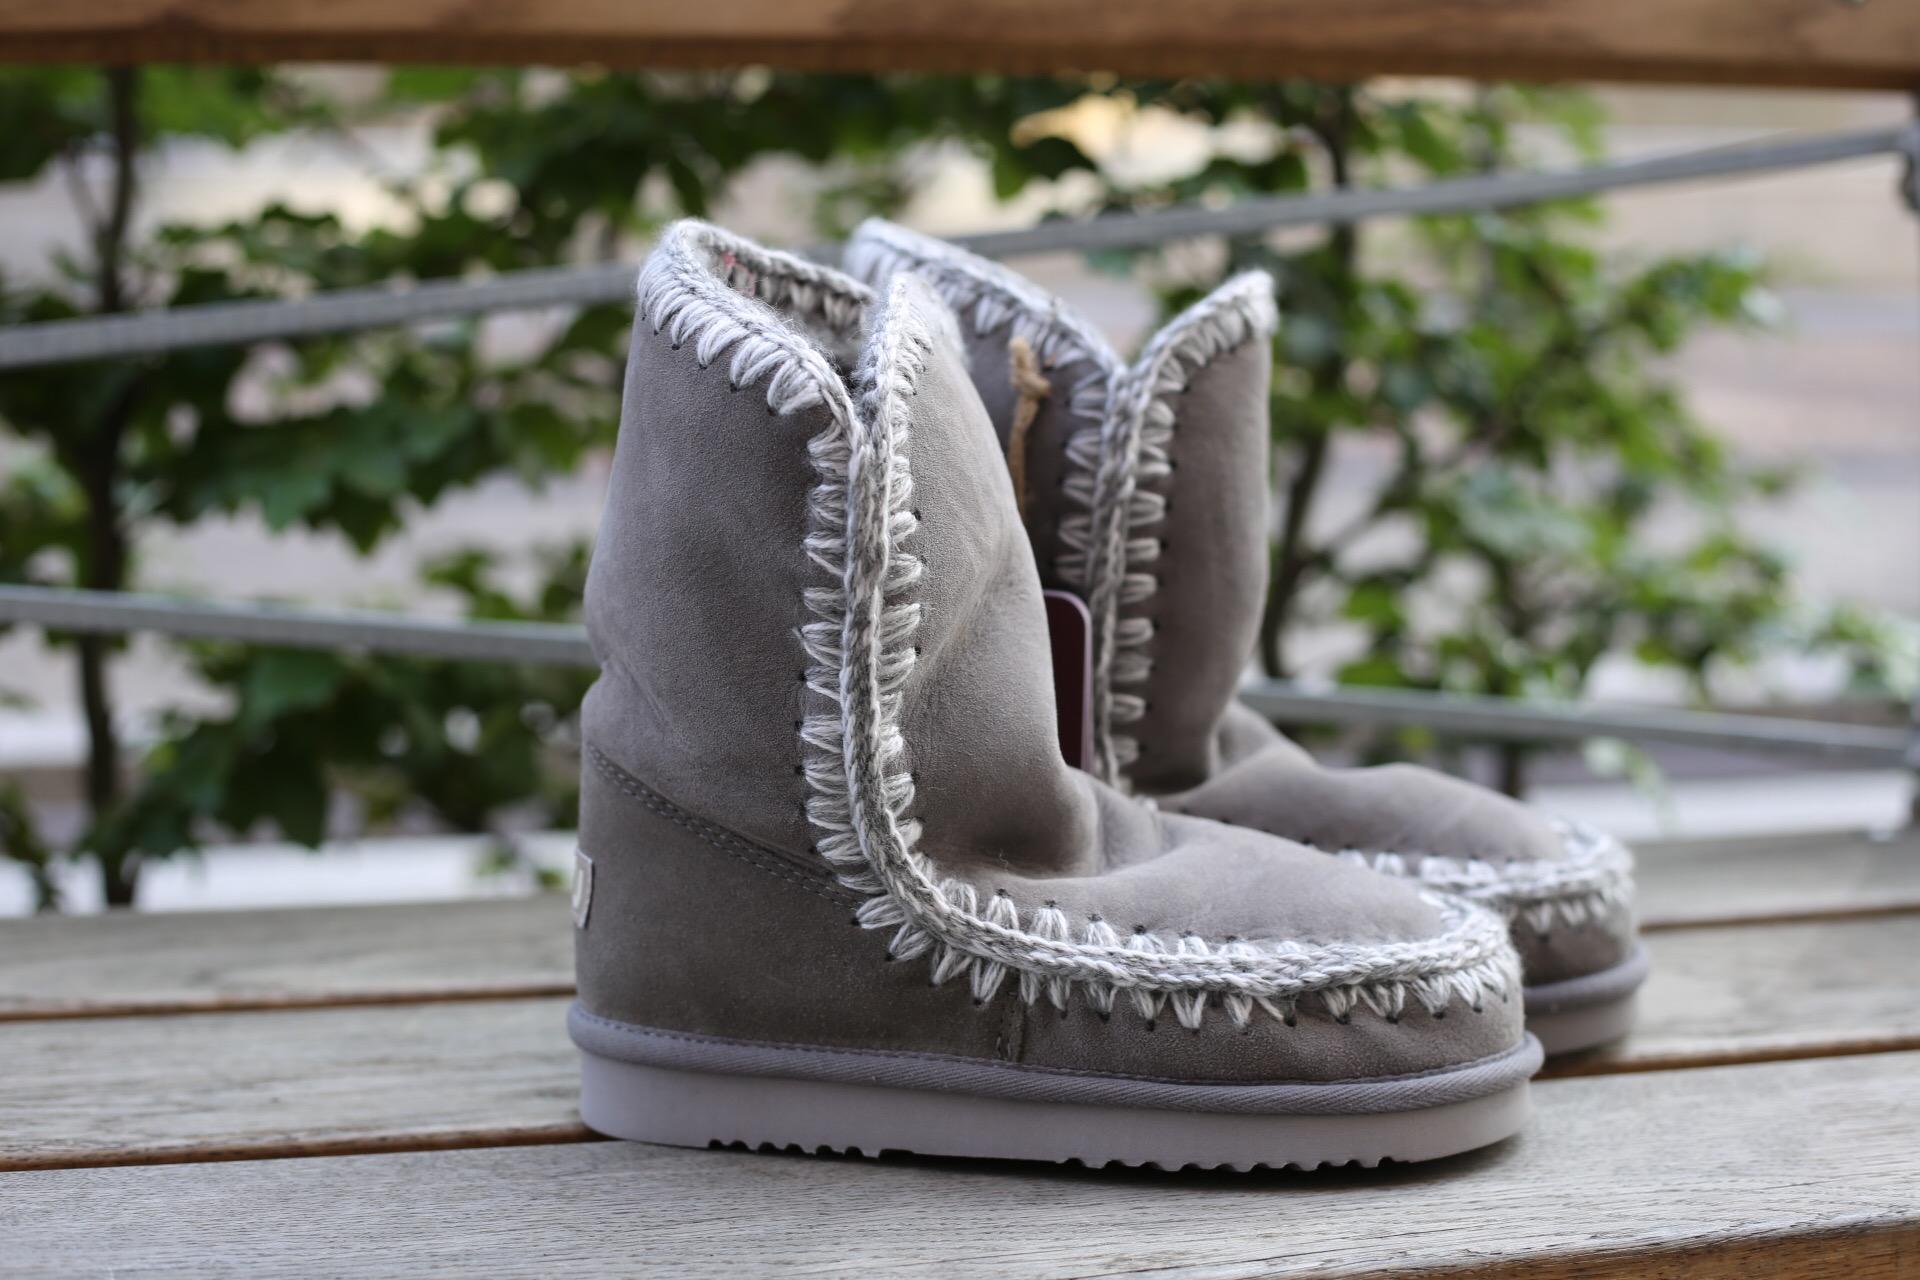 9a0a31ac859 Vinn ett par av höstens & vinterns mest underbara skor: MOU !!! - Michela  Castellari